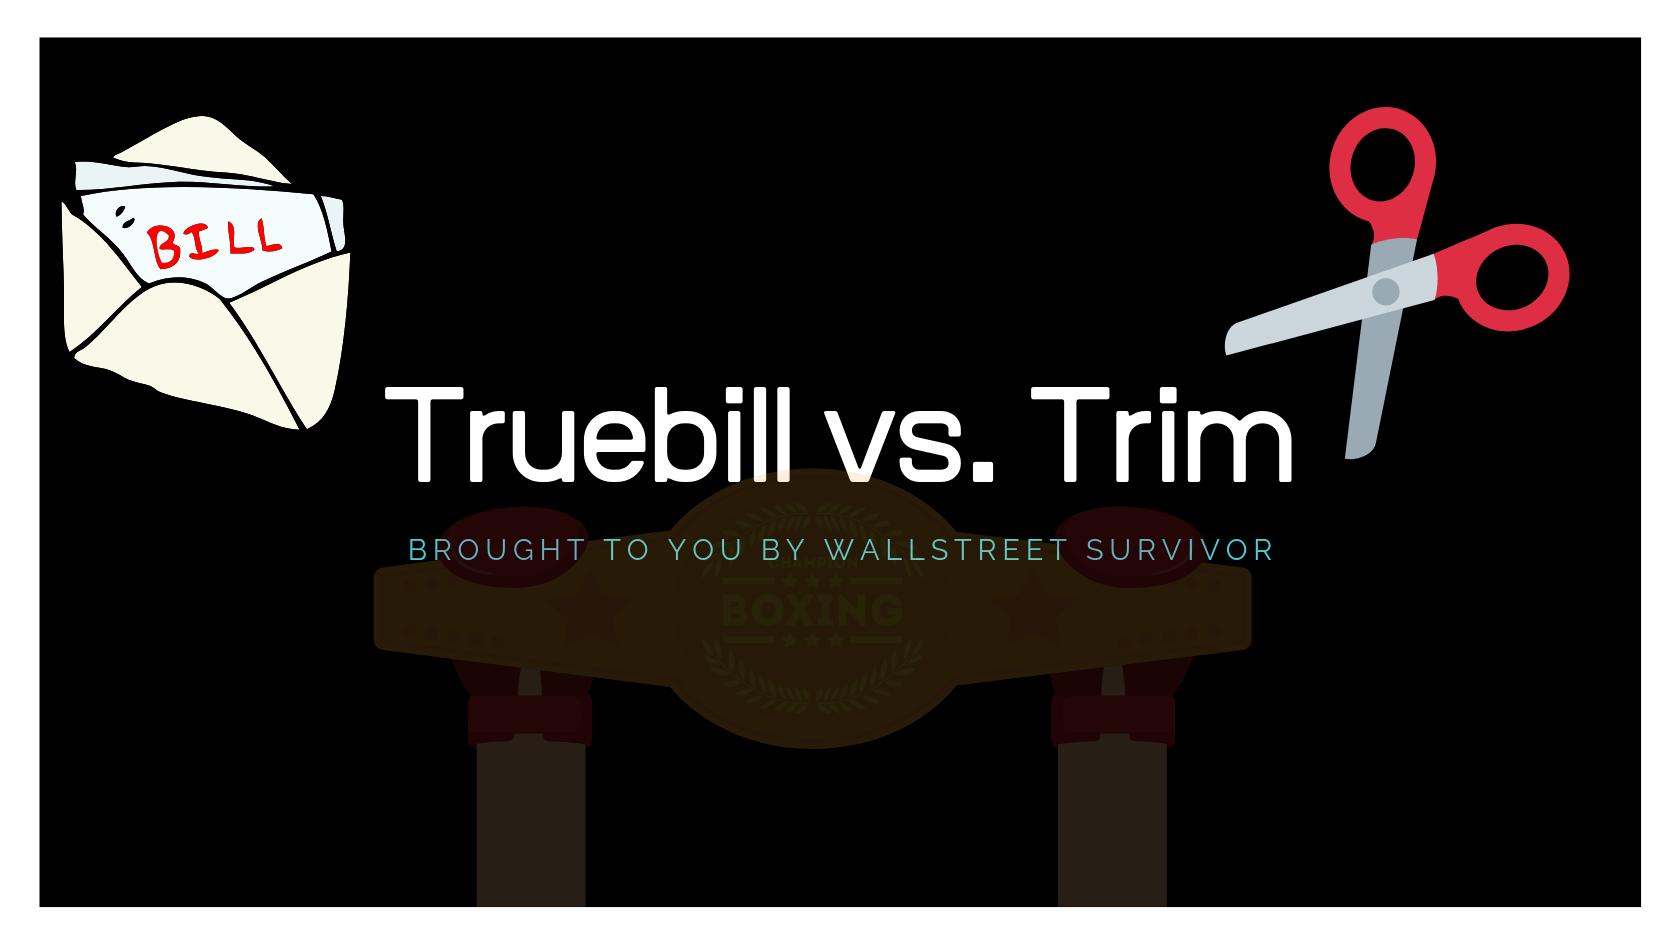 truebill-vs-trim